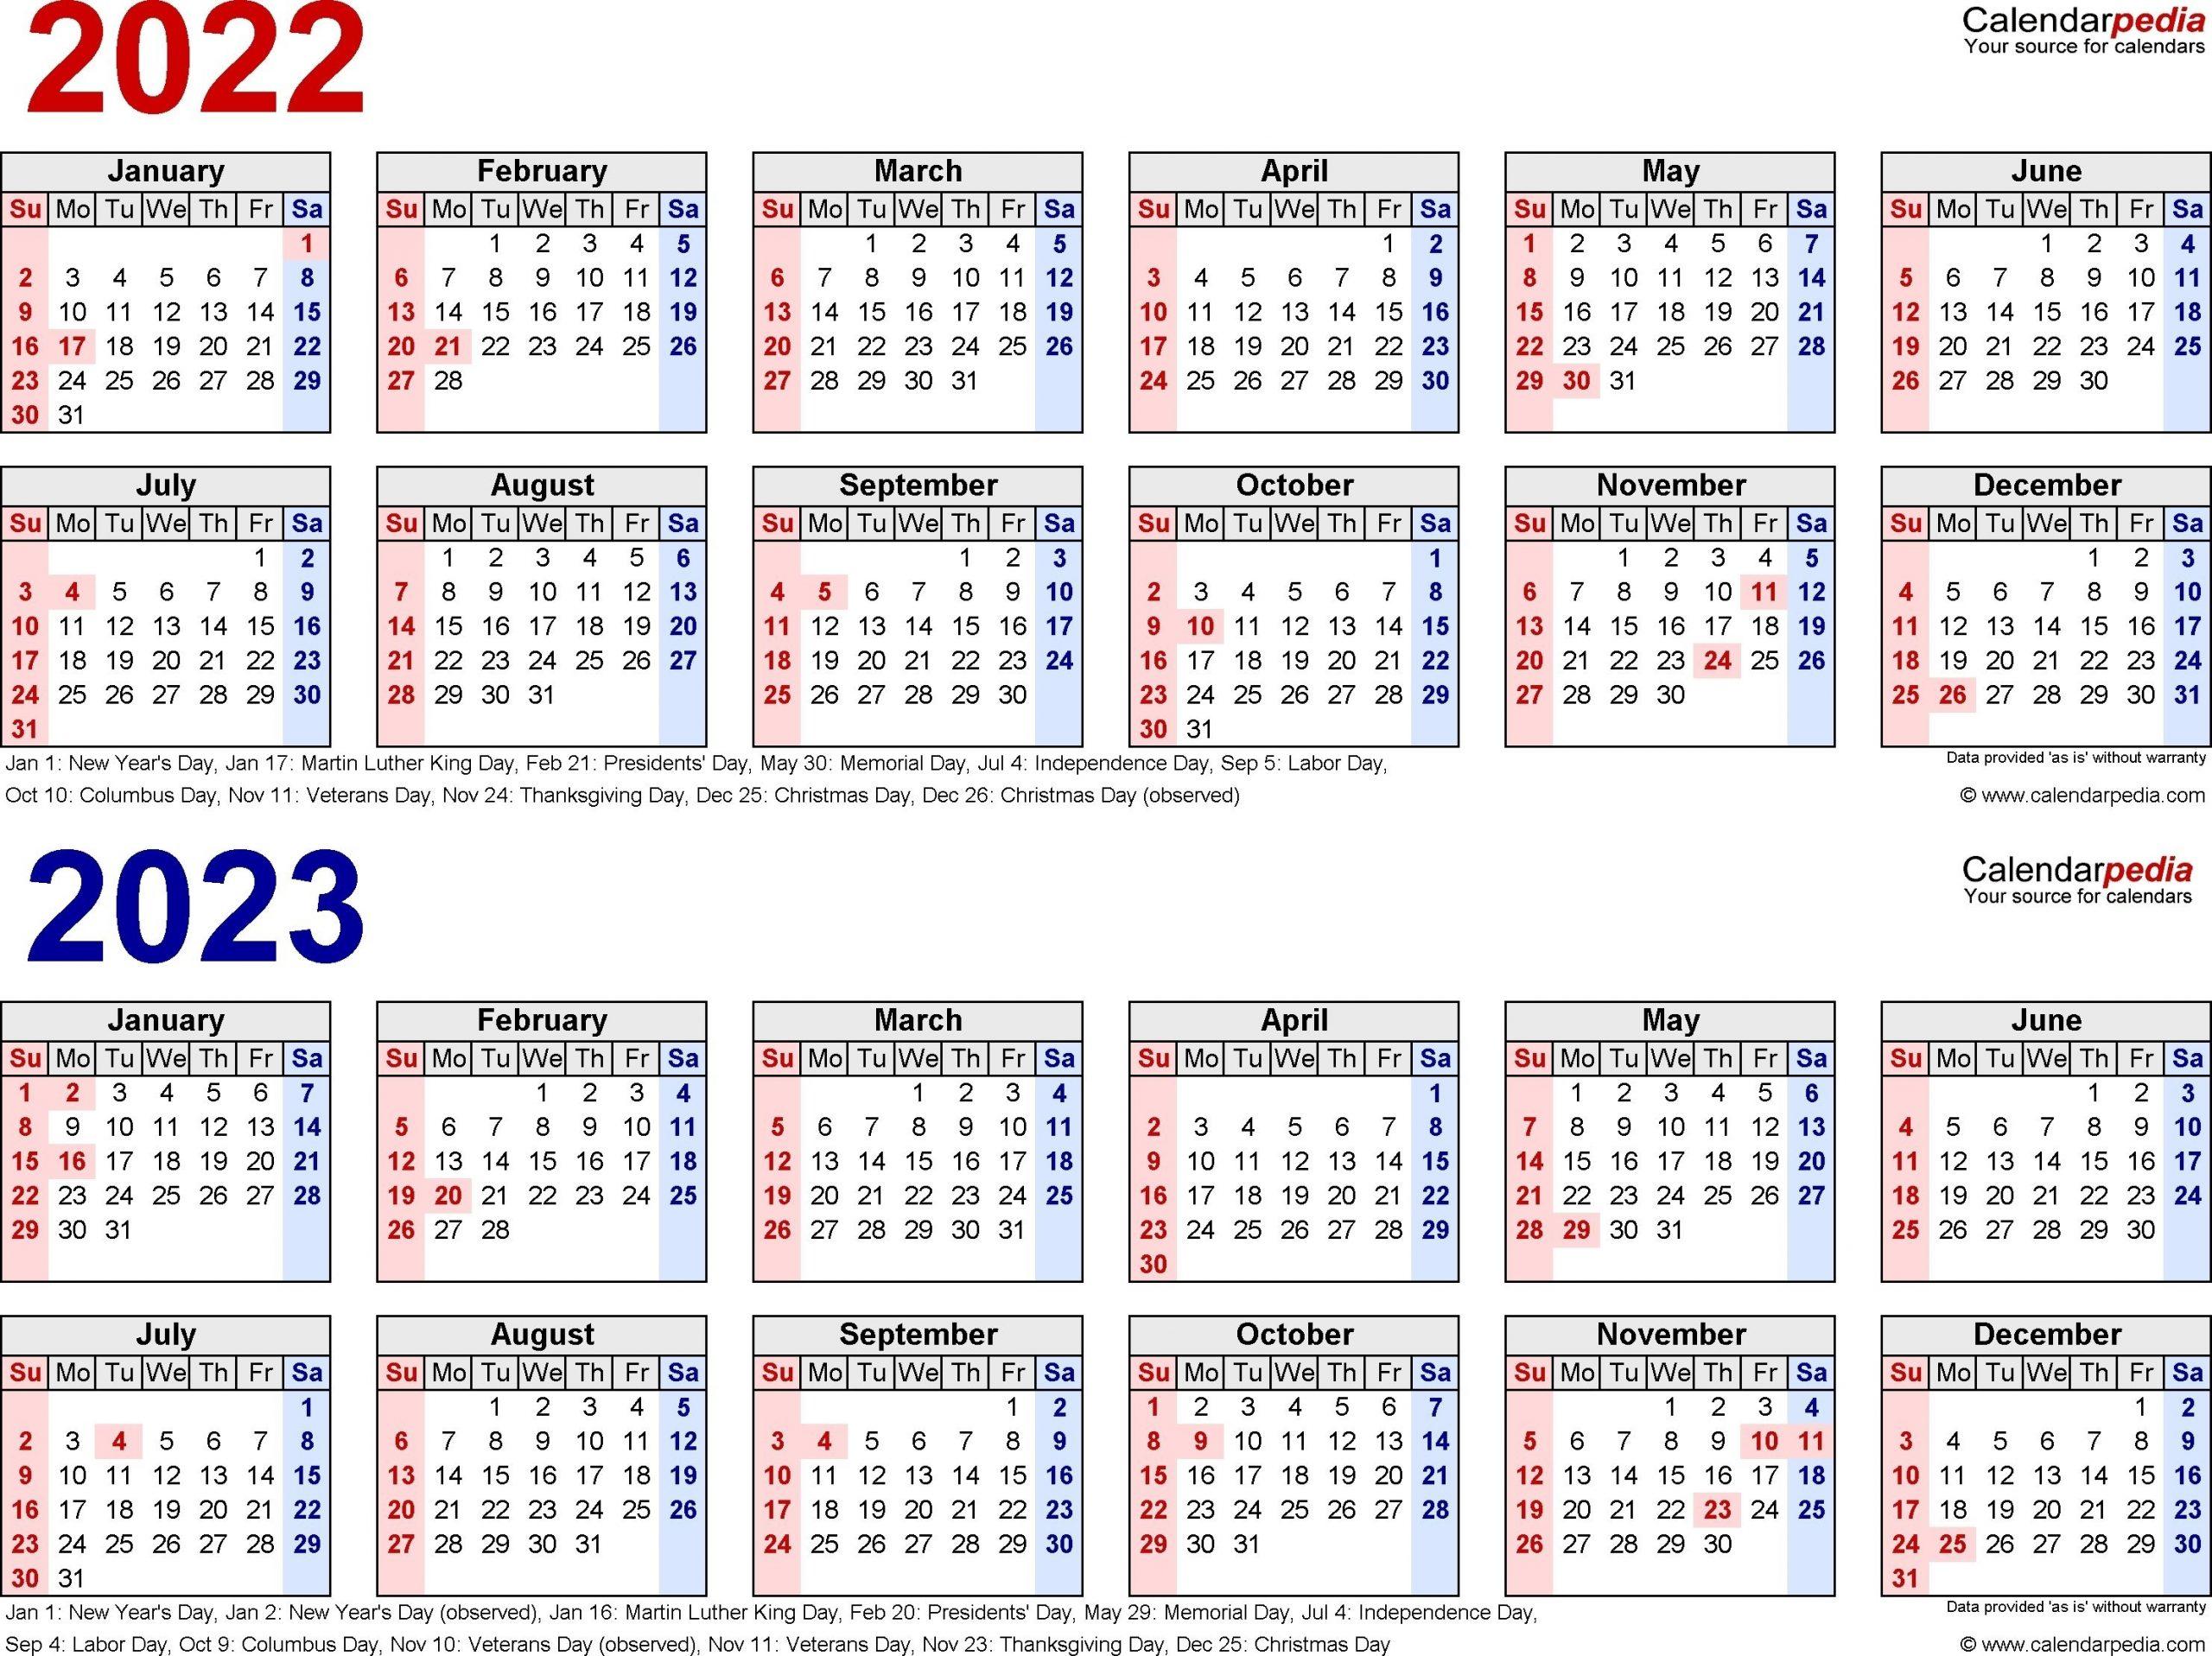 Pick Calendar For 2022 & 2023